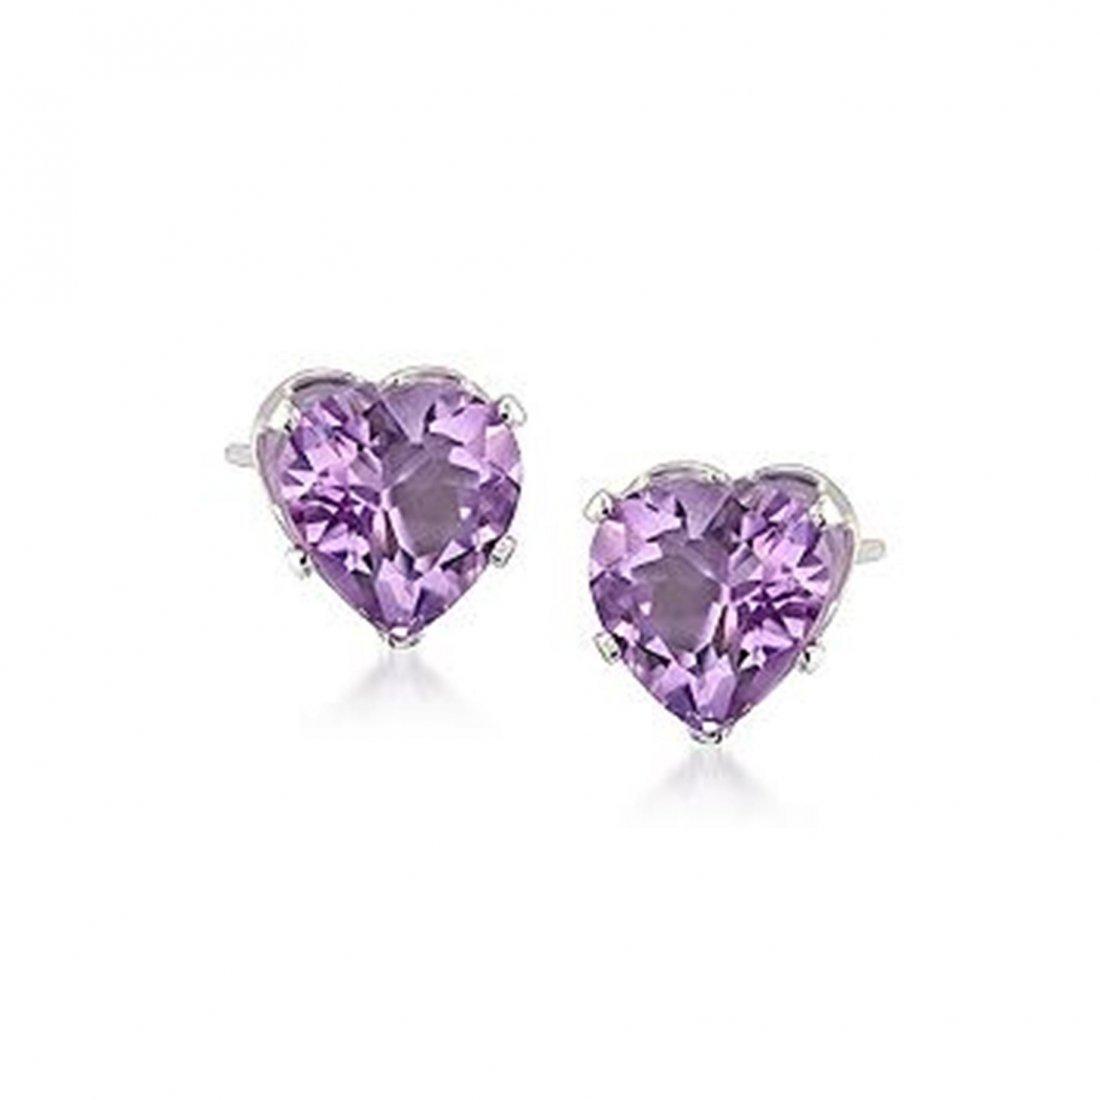 2.00 ct. t.w. Amethyst Heart Stud Earrings in Sterling